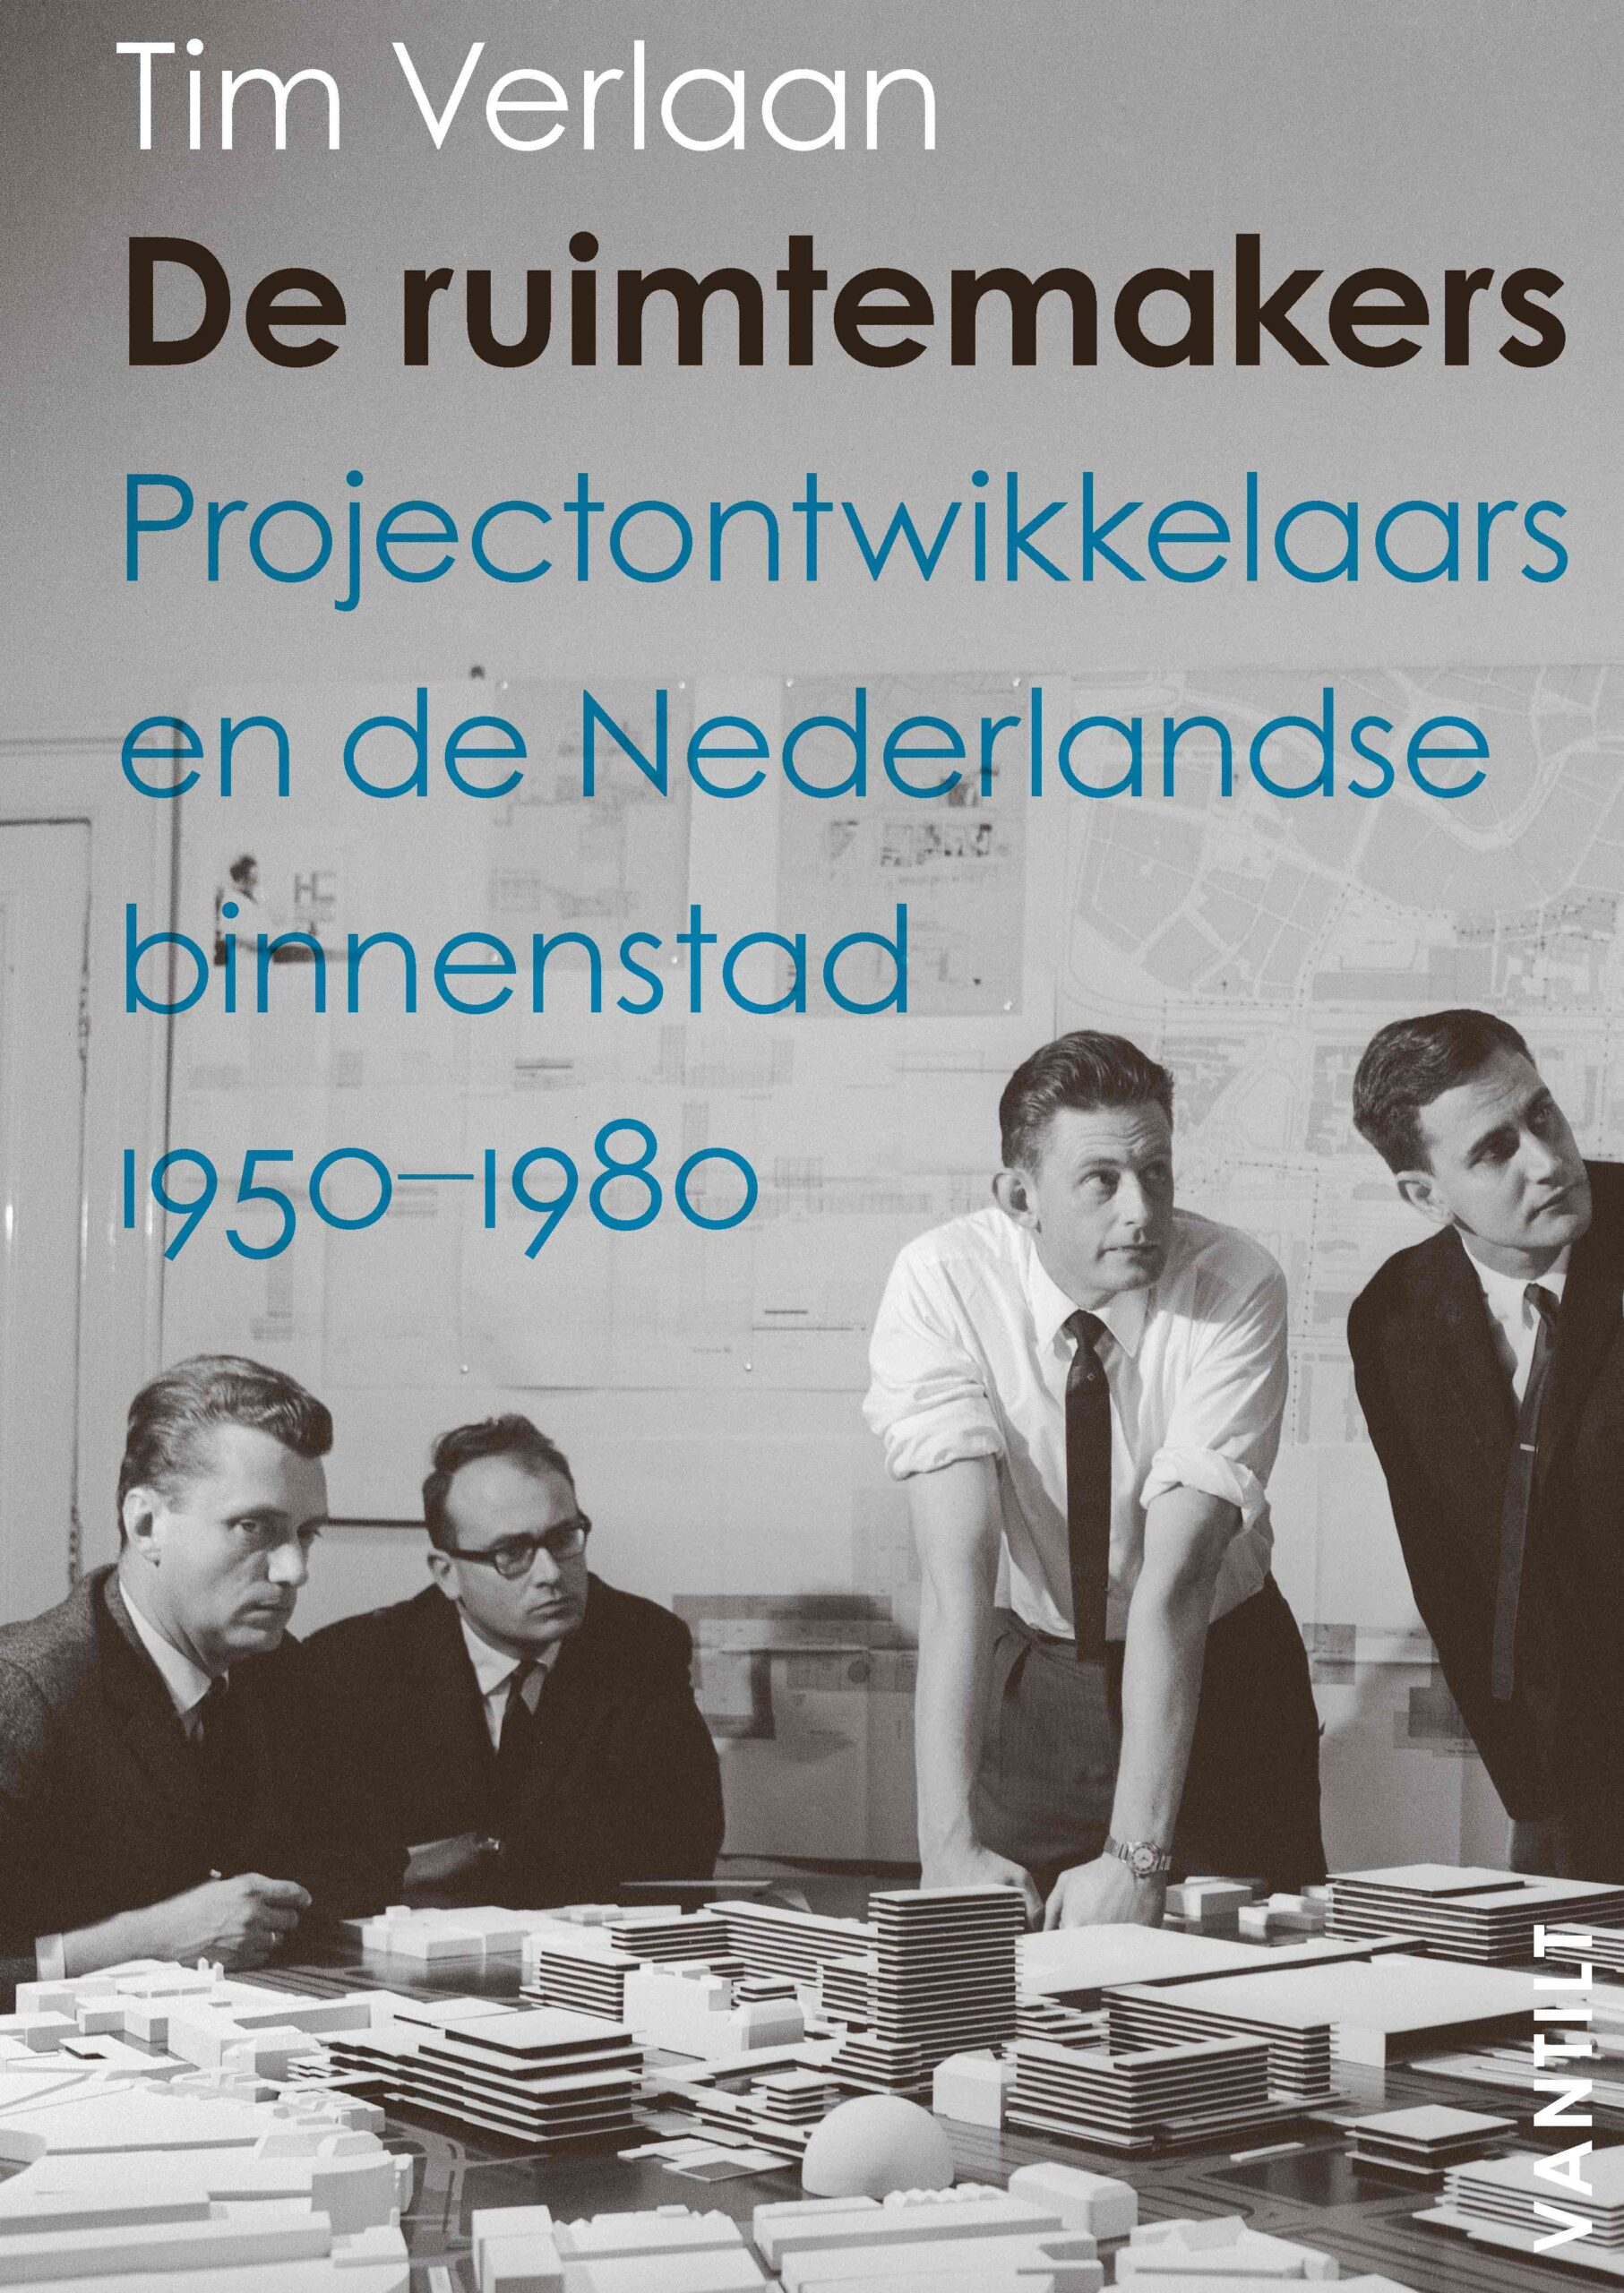 De ruimtemakers: projectontwikkelaars en de Nederlandse binnenstad 1950-1980